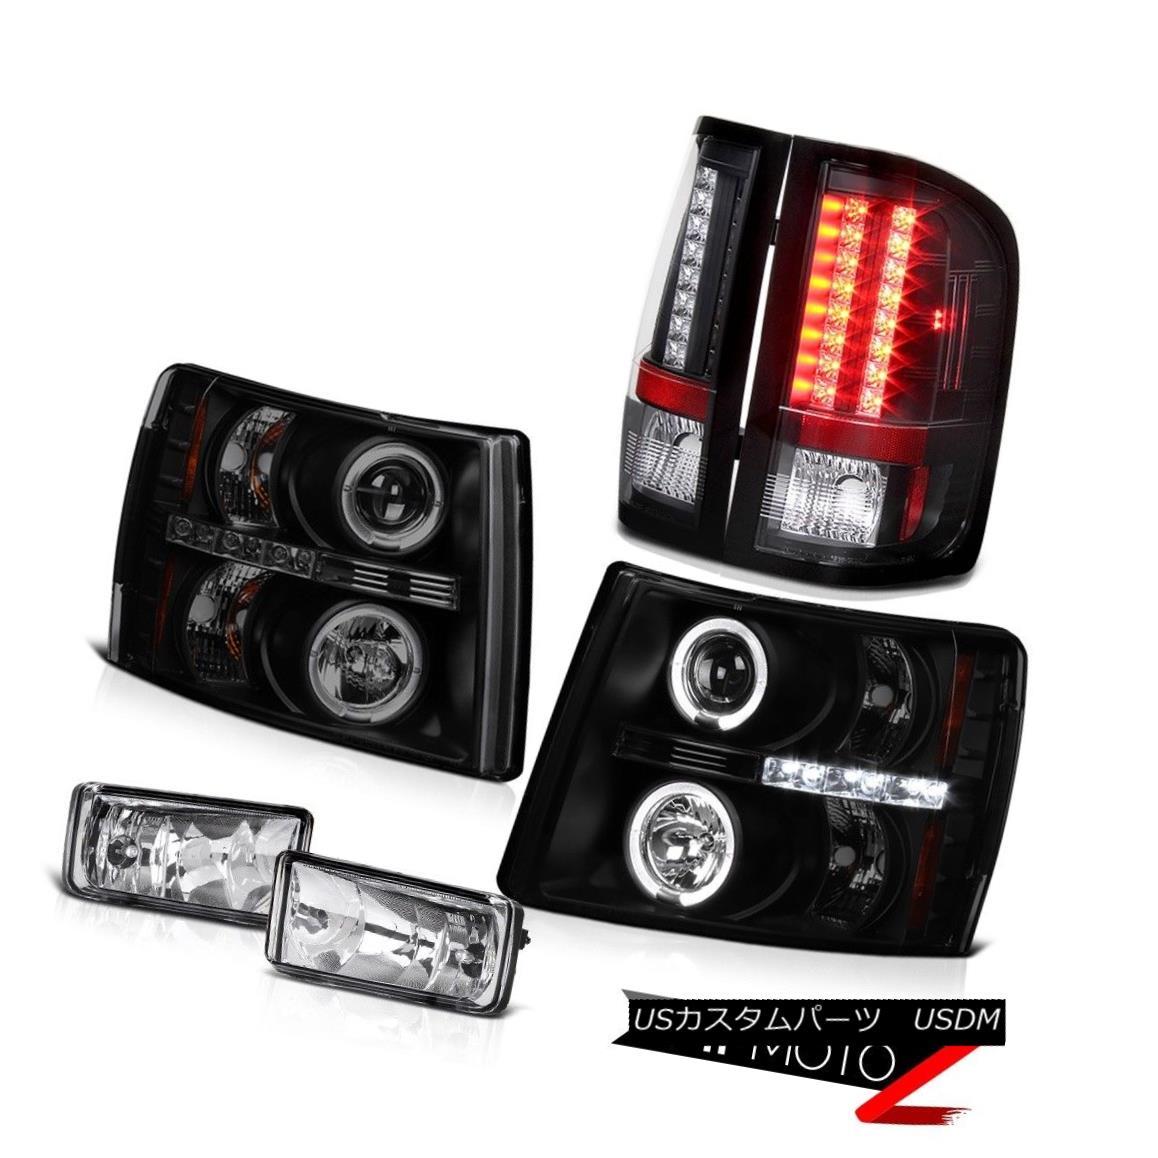 テールライト 2007-2013 Chevy Silverado Z71 Smoke Headlights+Driving Fog+ Bright LED Tail Lamp 2007-2013シボレーシルバラードZ71スモークヘッドライト+ドライ vingフォグ+ブライトLEDテールランプ